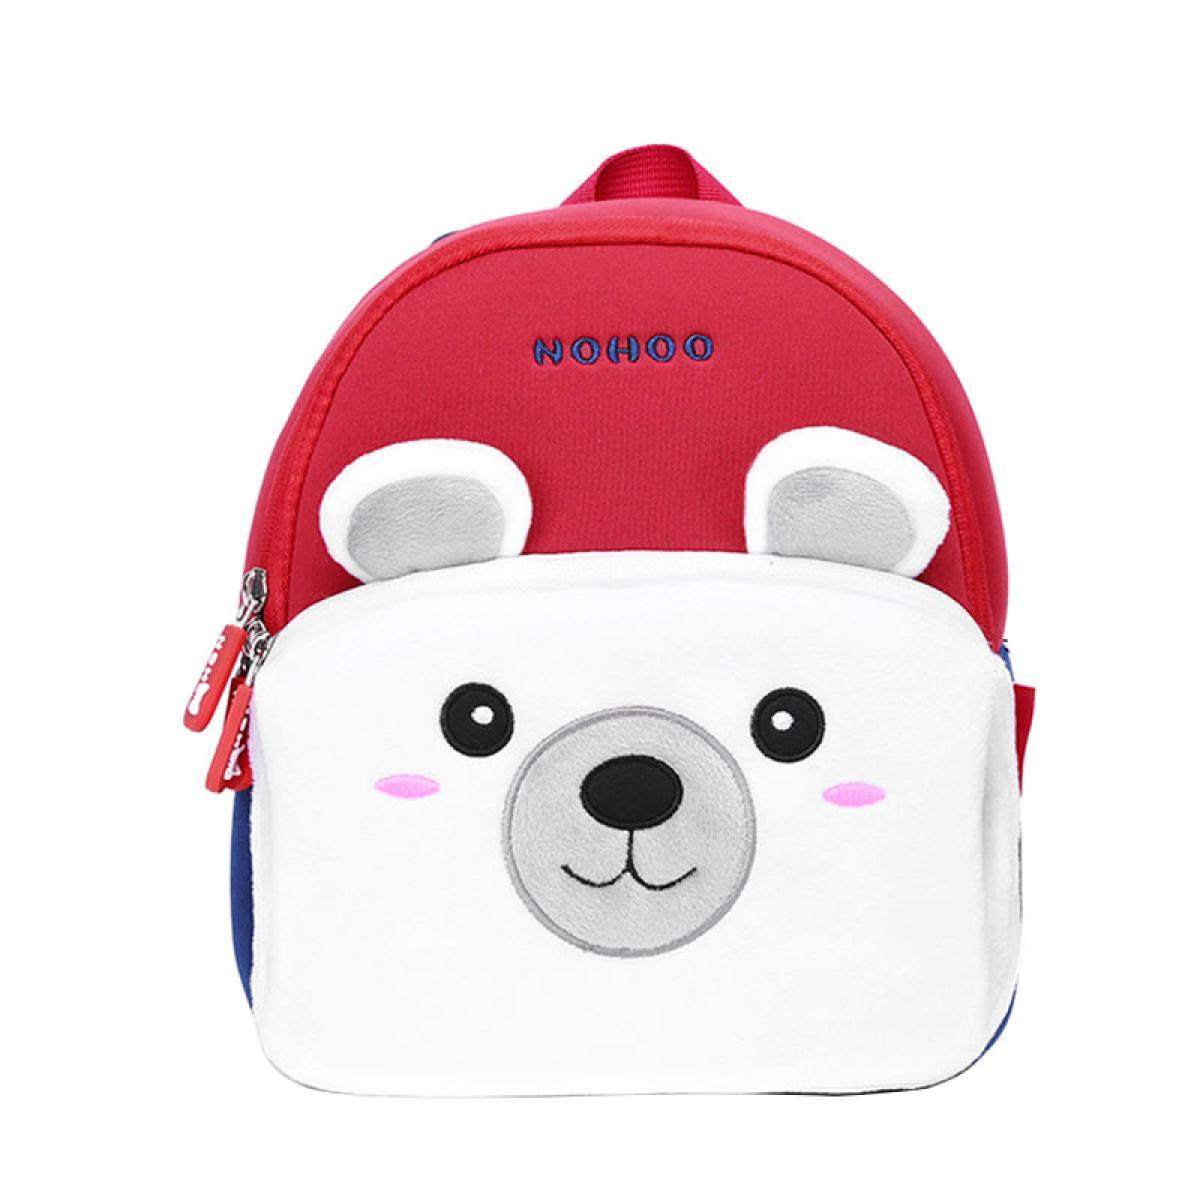 635cb3462ed8 Детский рюкзак Плюшевый мишка маленький, 26x24x10 см, Nohoo (NHQ004 ...